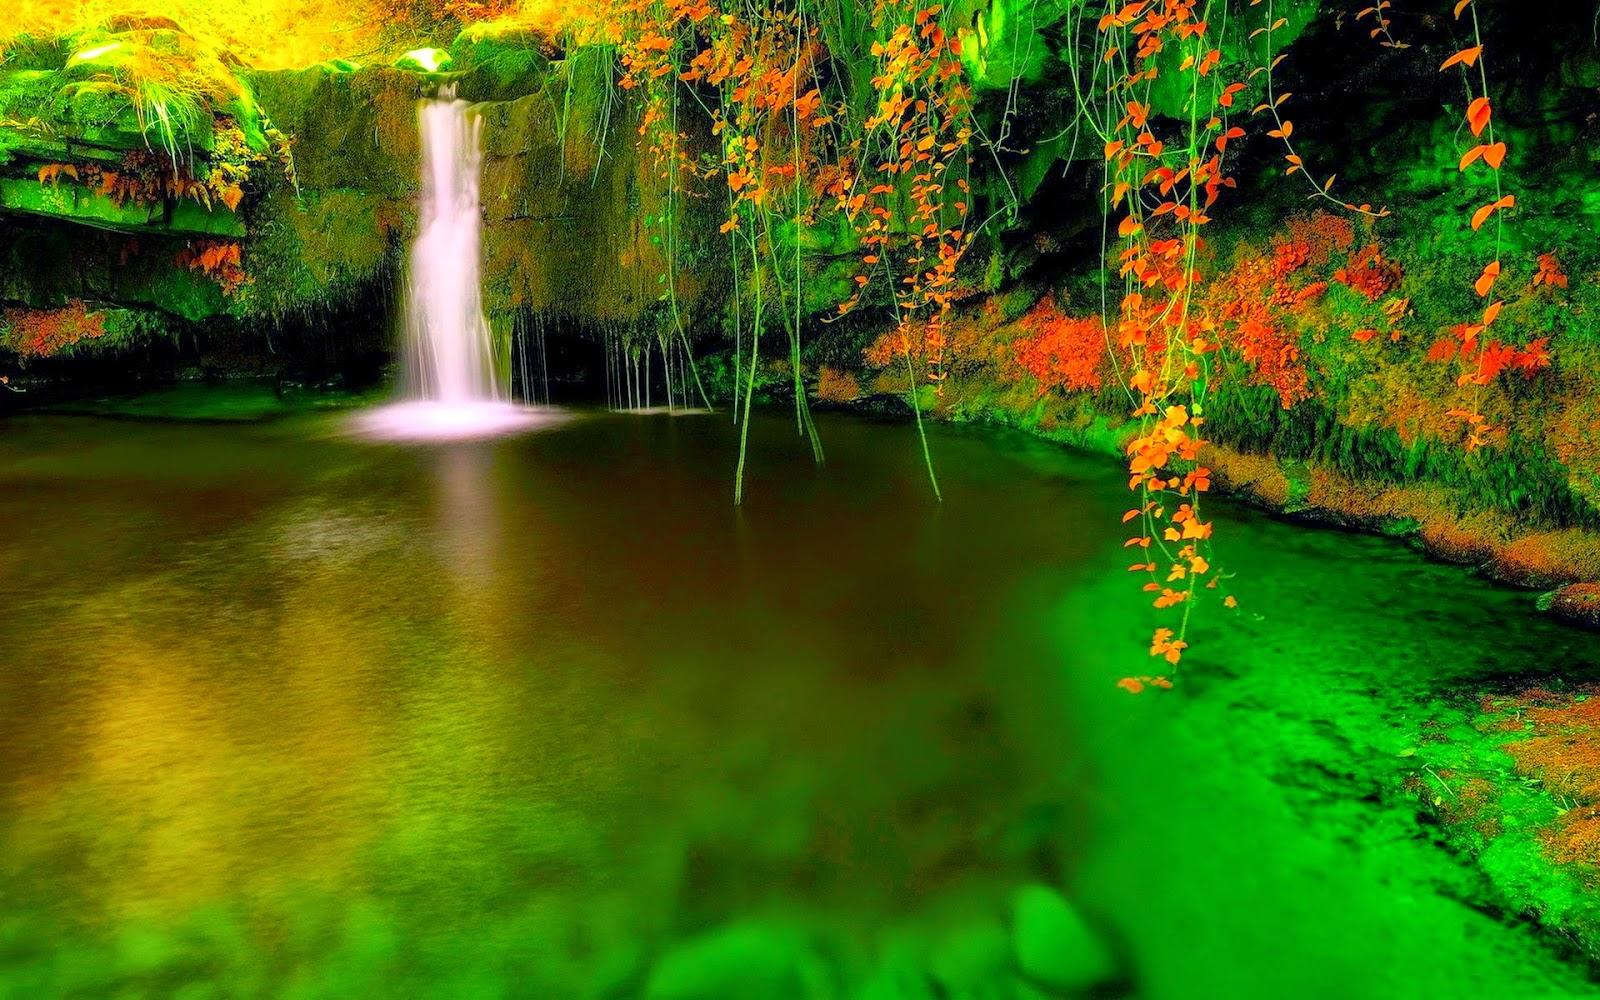 بالصور صور طبيعة خلابة , اروع الصور للمناظر الطبيعي المبهرة 1319 8